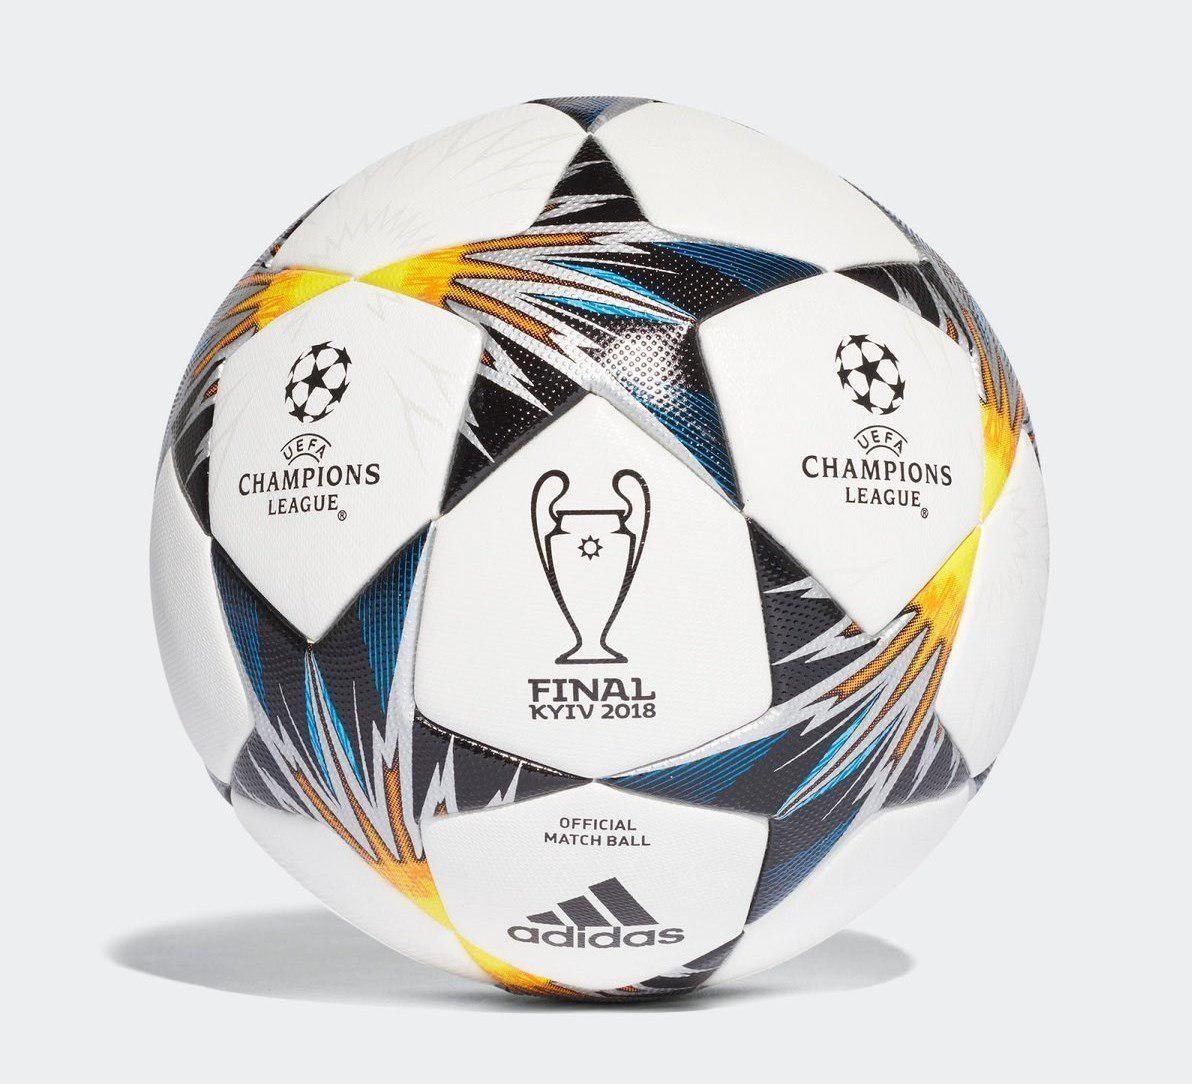 توپ فینال لیگ قهرمانان اروپا ببینید